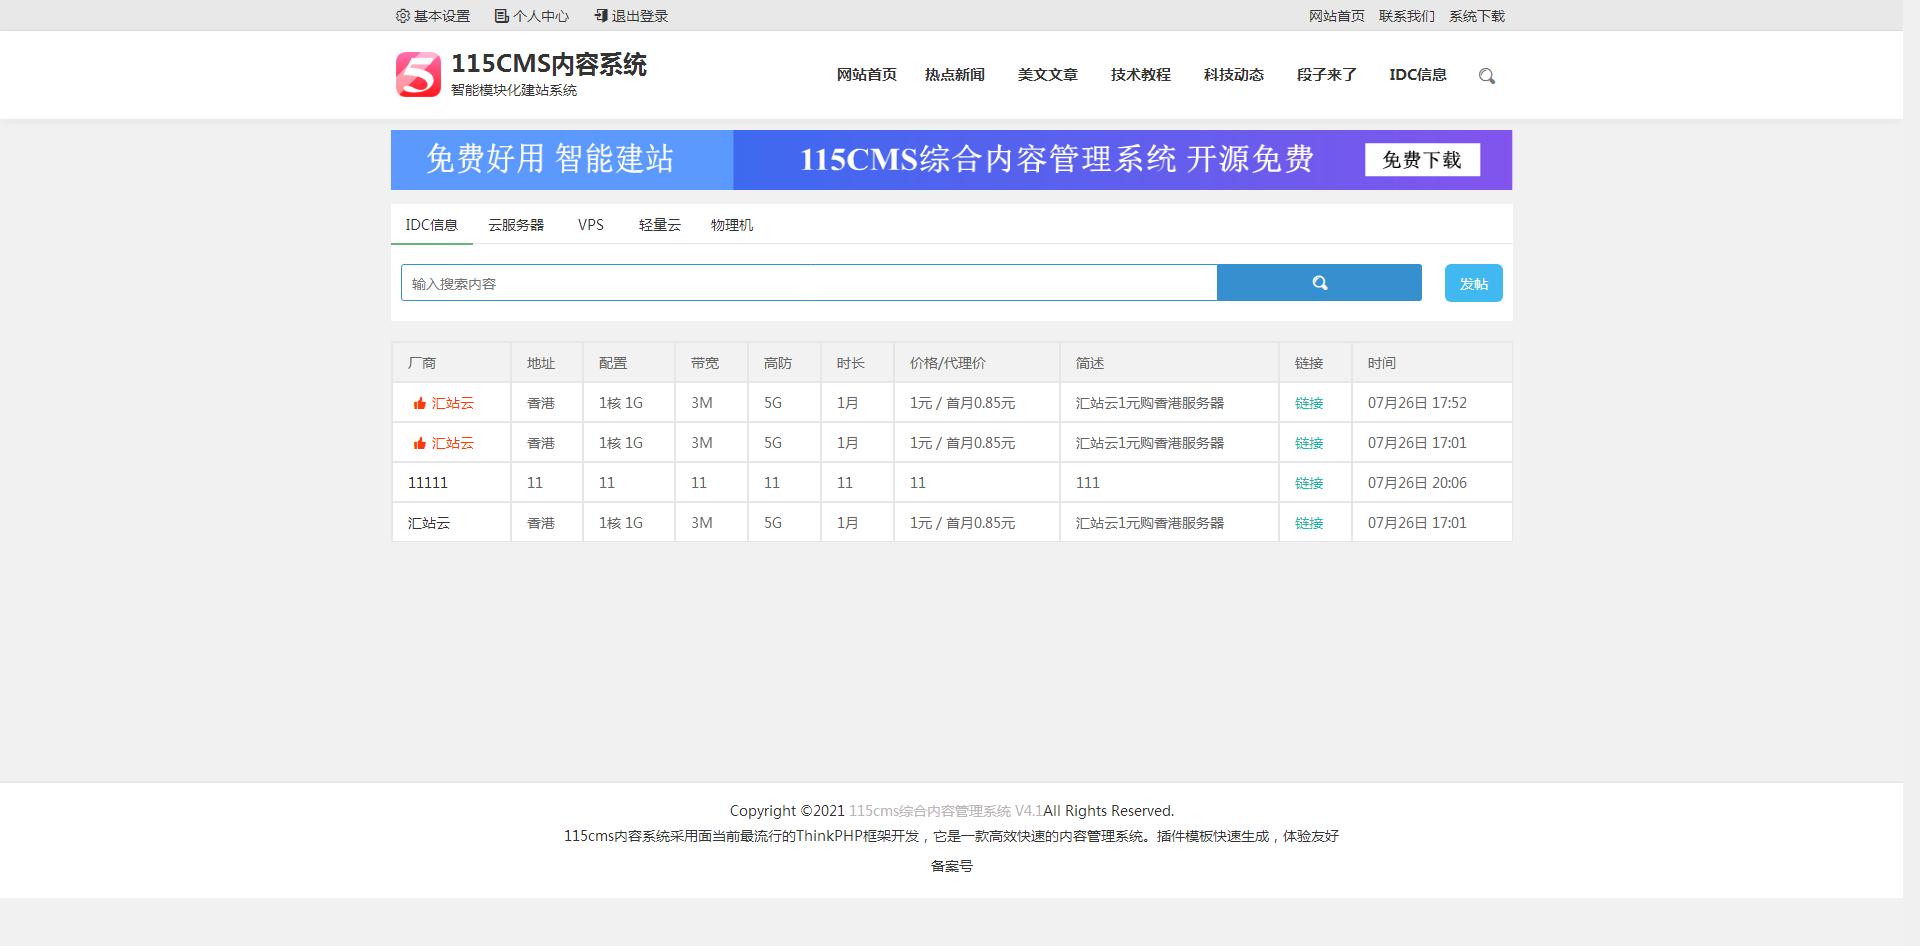 IDC信息 - 115cms综合内容管理系统